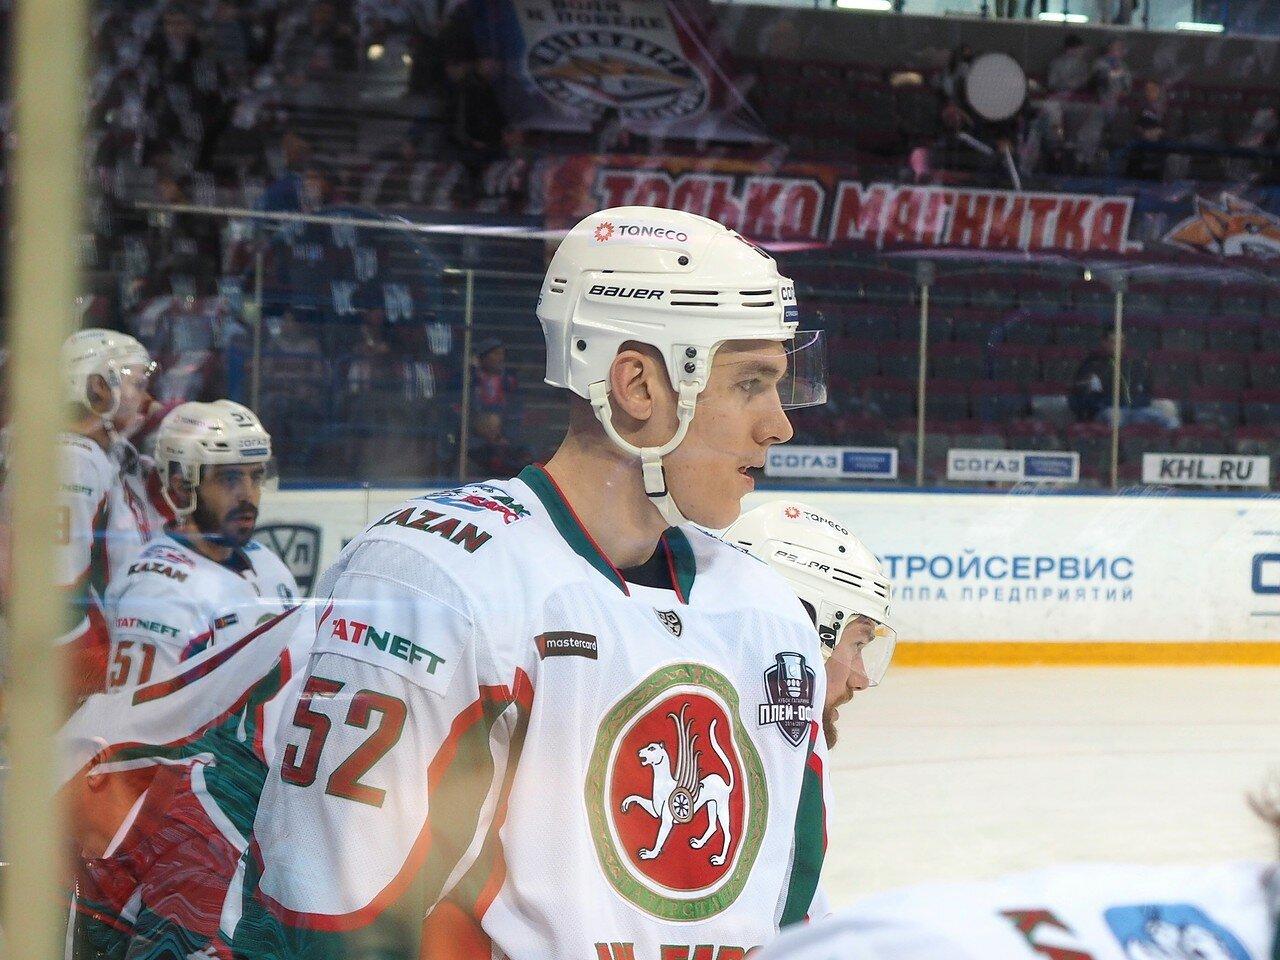 9 Первая игра финала плей-офф восточной конференции 2017 Металлург - АкБарс 24.03.2017